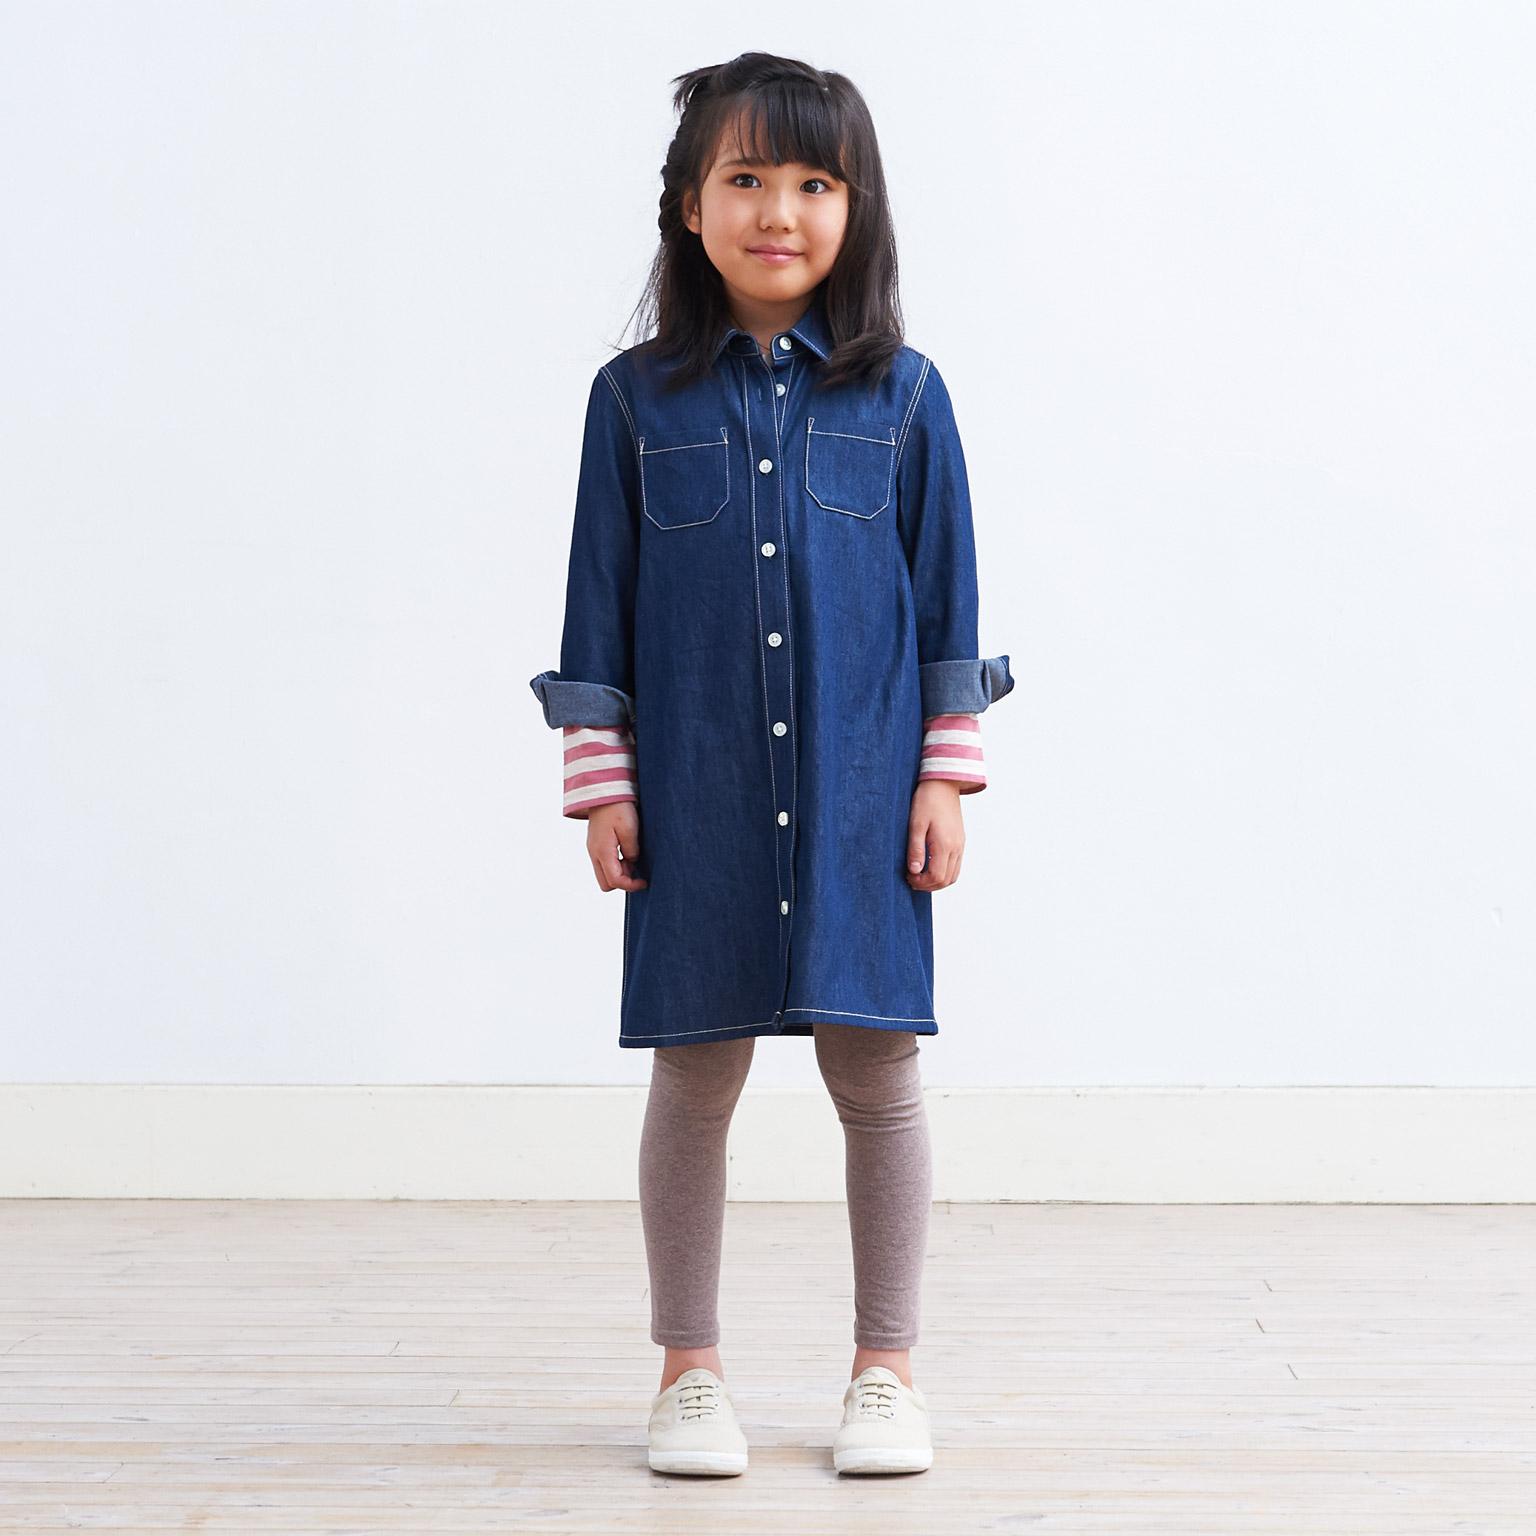 無印良品 衣料品コーディネートカタログのおすすめ画像3